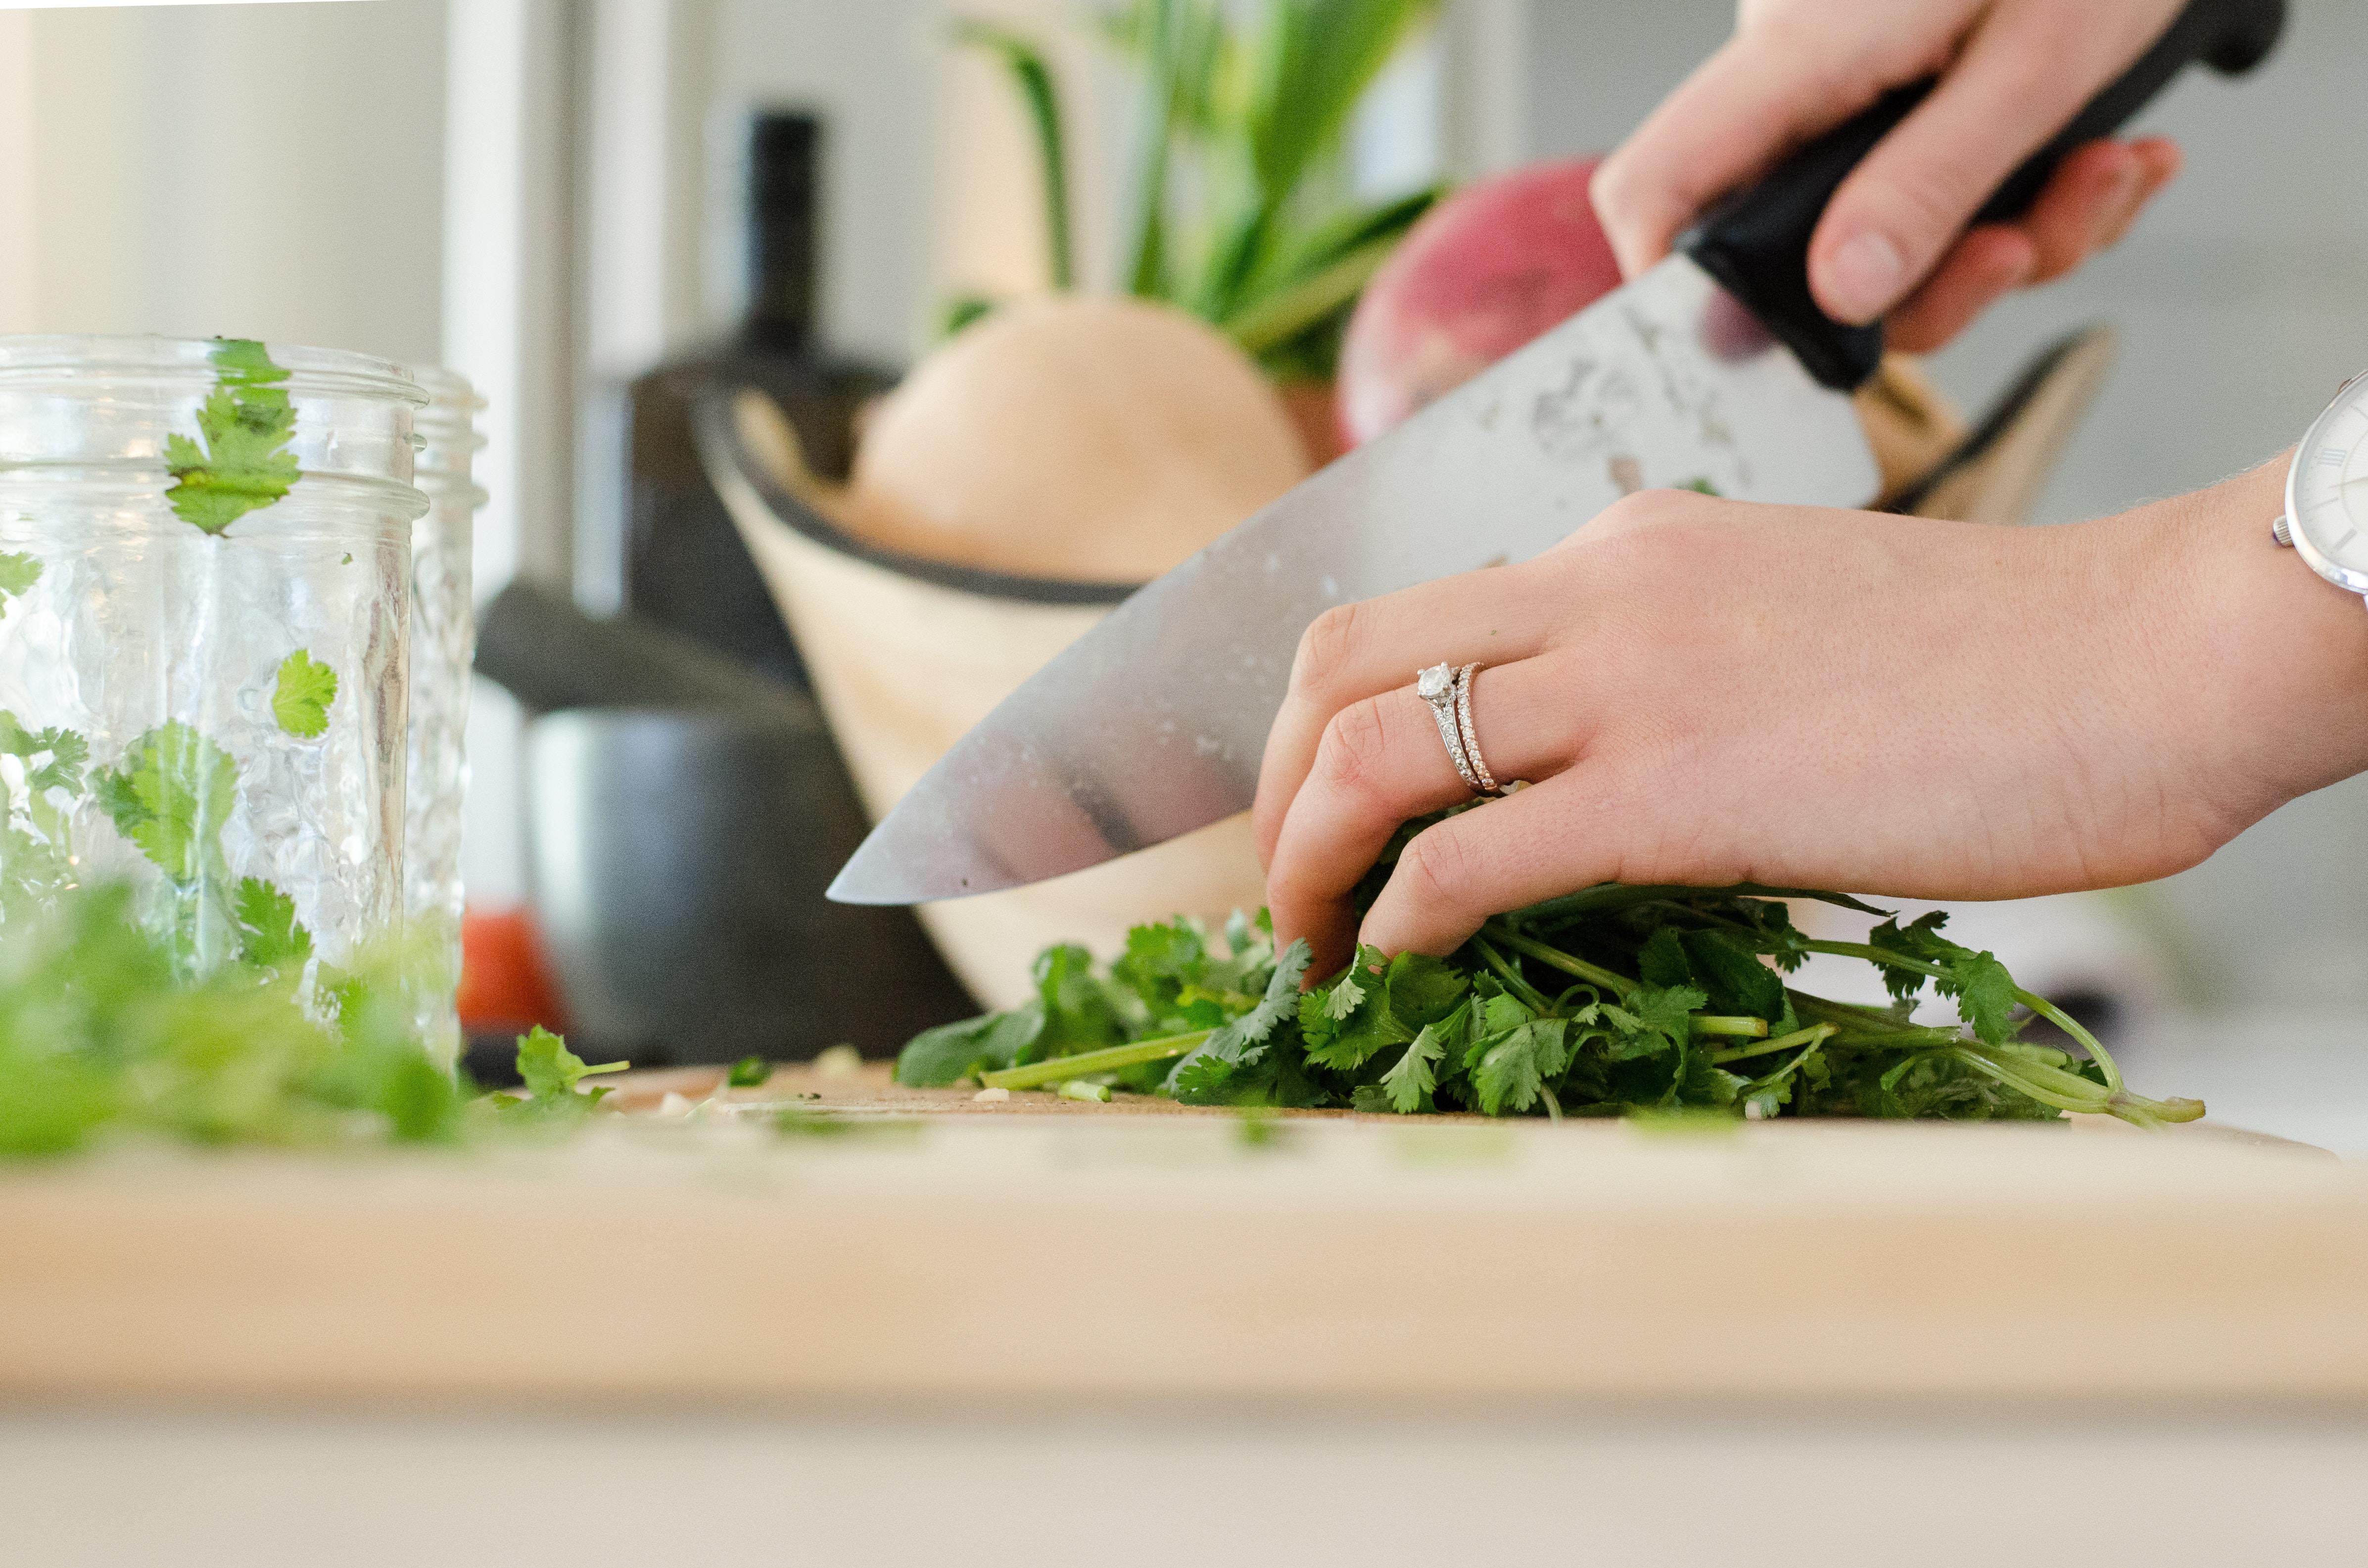 cucinare gli avanzi, utilizzando le ricette della tradizione condadina è un ottimo modo per ridurre gli sprechi di cibo